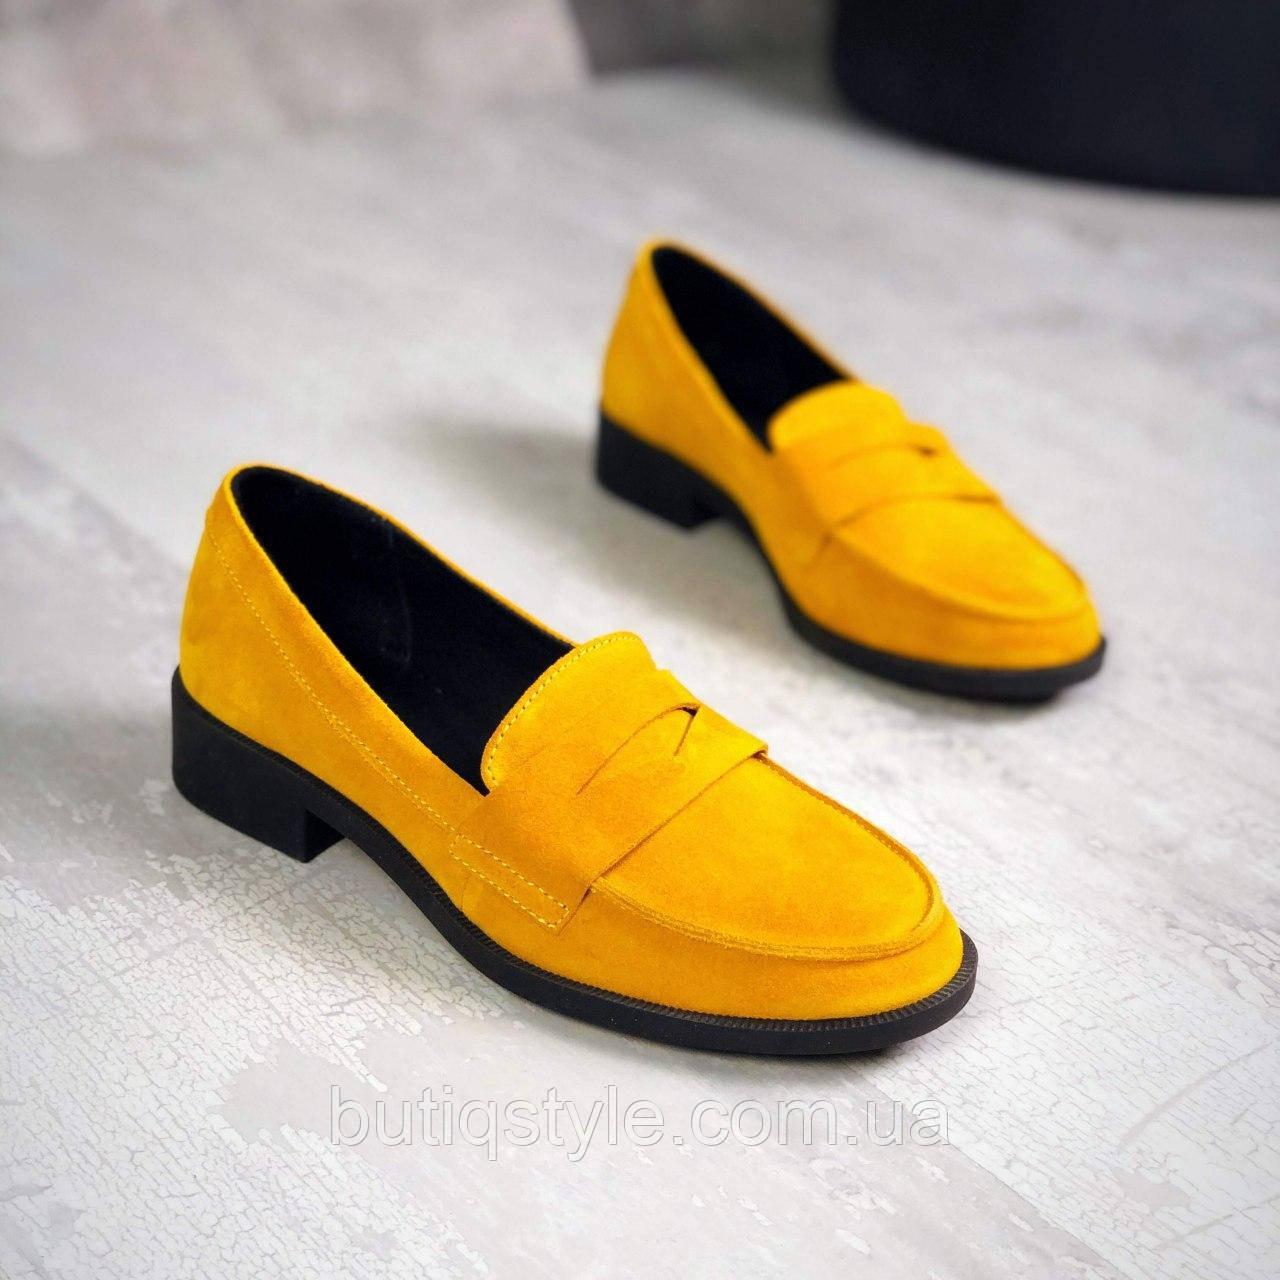 38,40 размер Женские желтые туфли натуральная замша на низком ходу